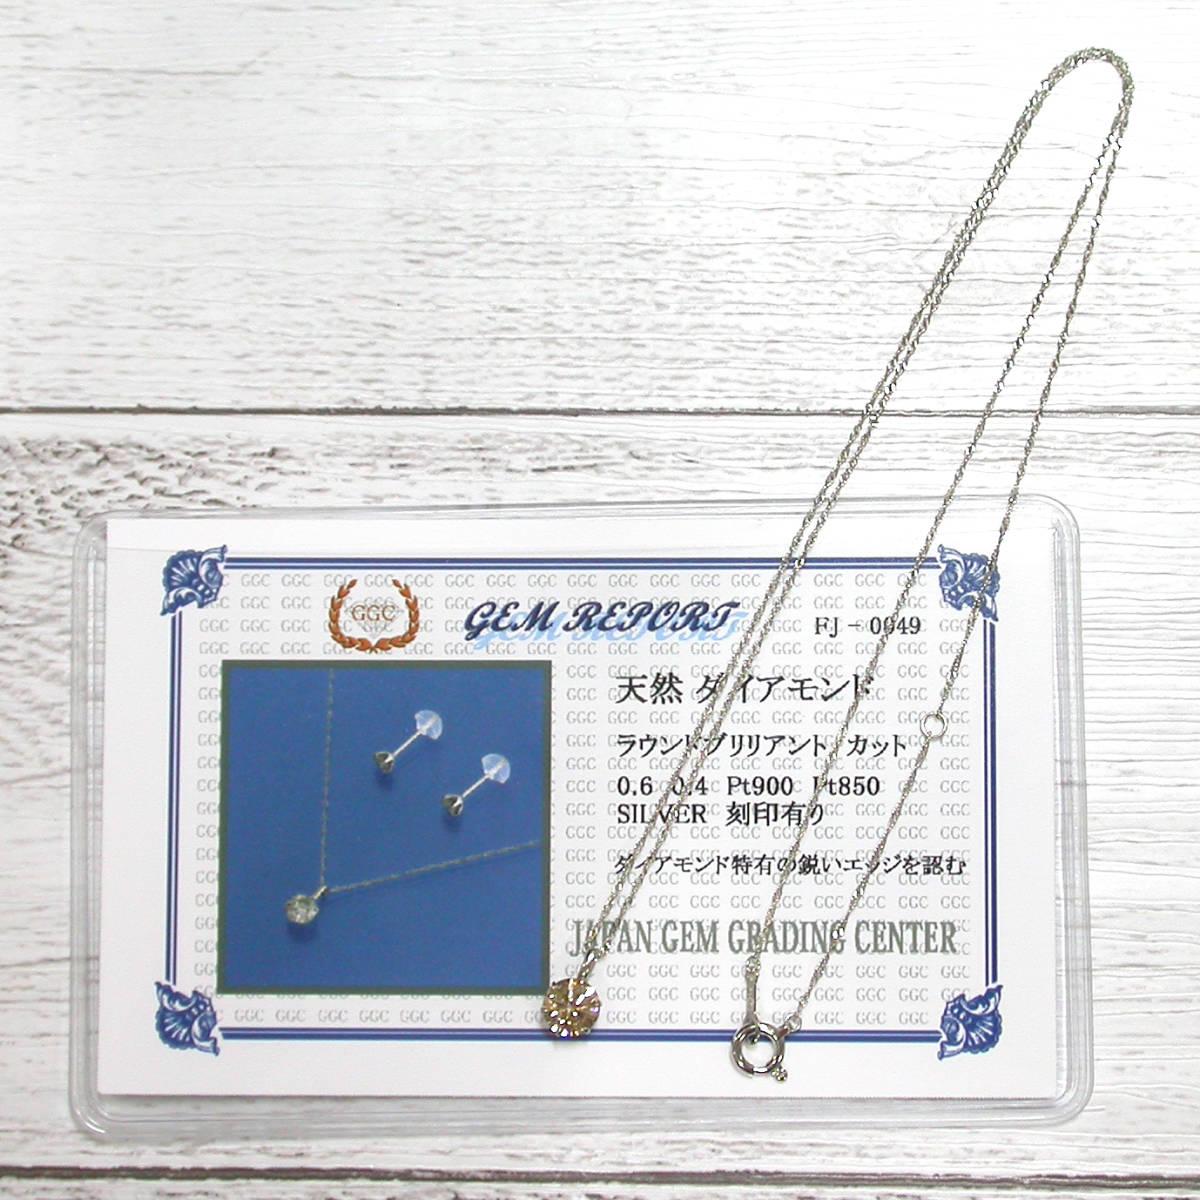 M1107★Pt900/Pt850 ブラウンダイヤモンド 0.6ct ペンダント ネックレス スクリュー チェーン ラウンドブリリアントカット 宝石鑑別付き